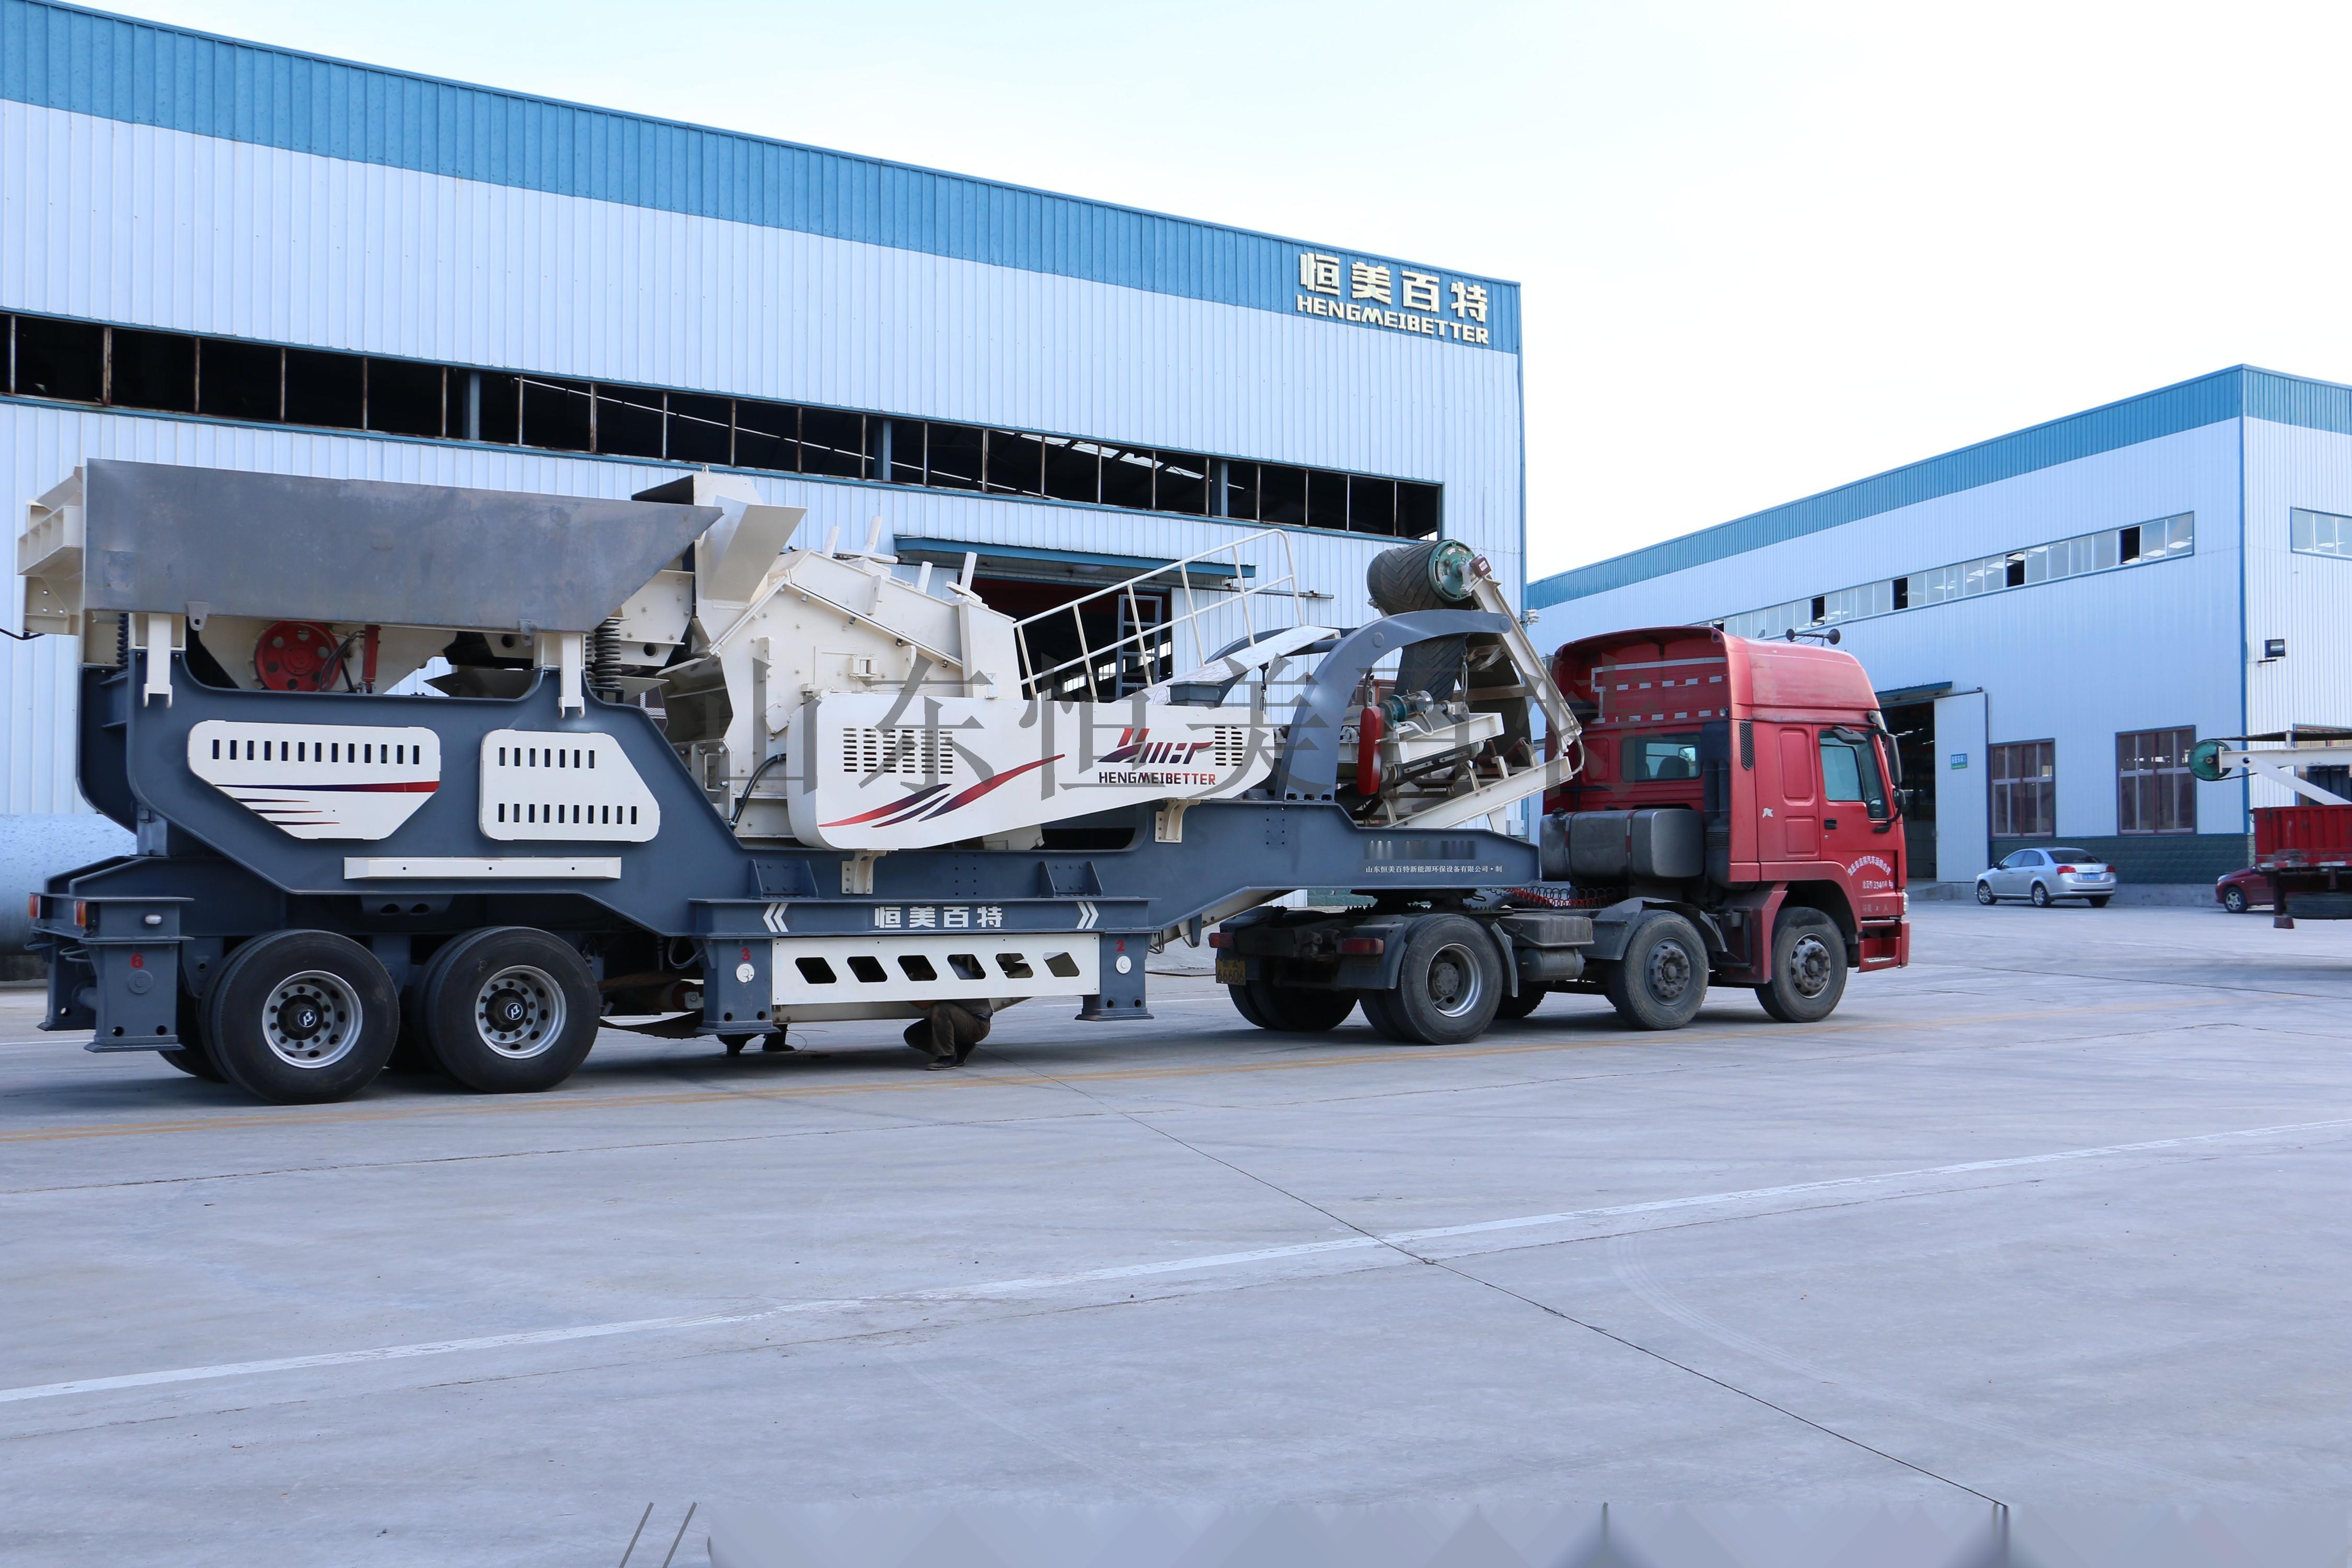 建築石子流動式破碎機 山東輪胎式移動破碎機廠家67996382